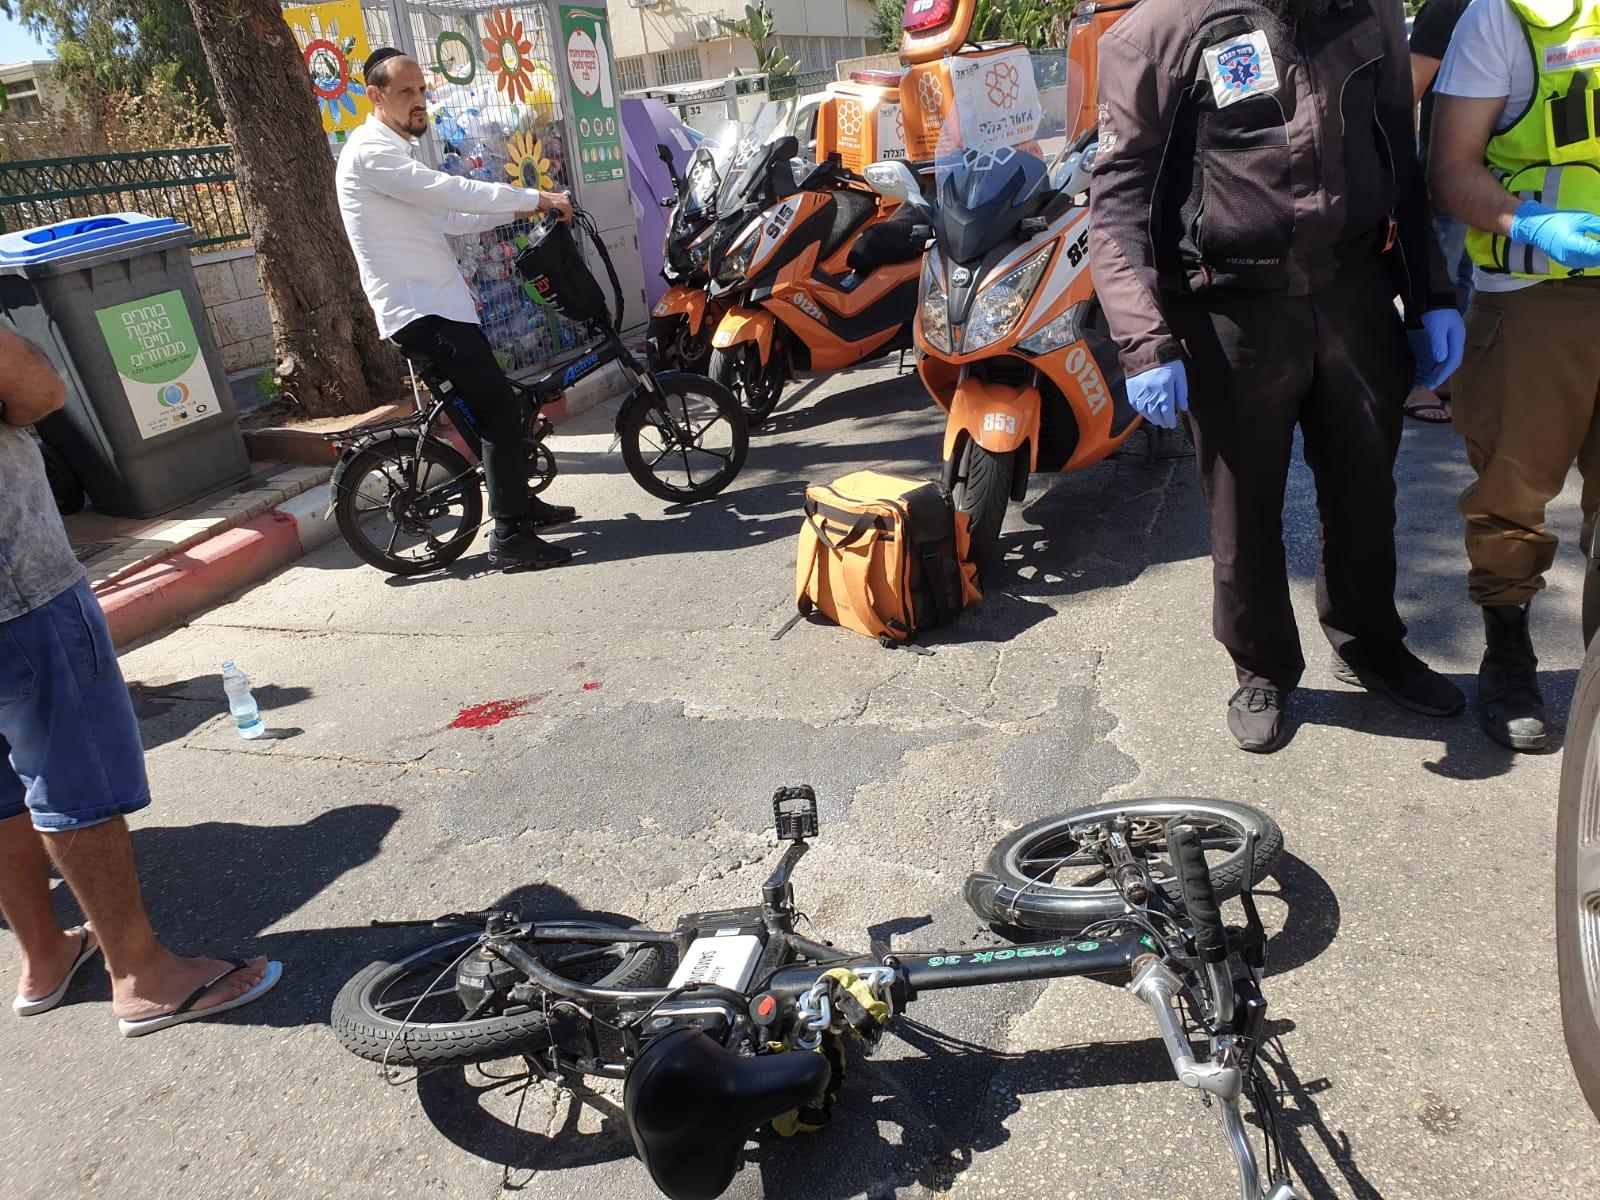 Photo of בן 13 נפצע בבת ים כתוצאה מתאונה עם מעורבות אופניים חשמליים ורכב פרטי